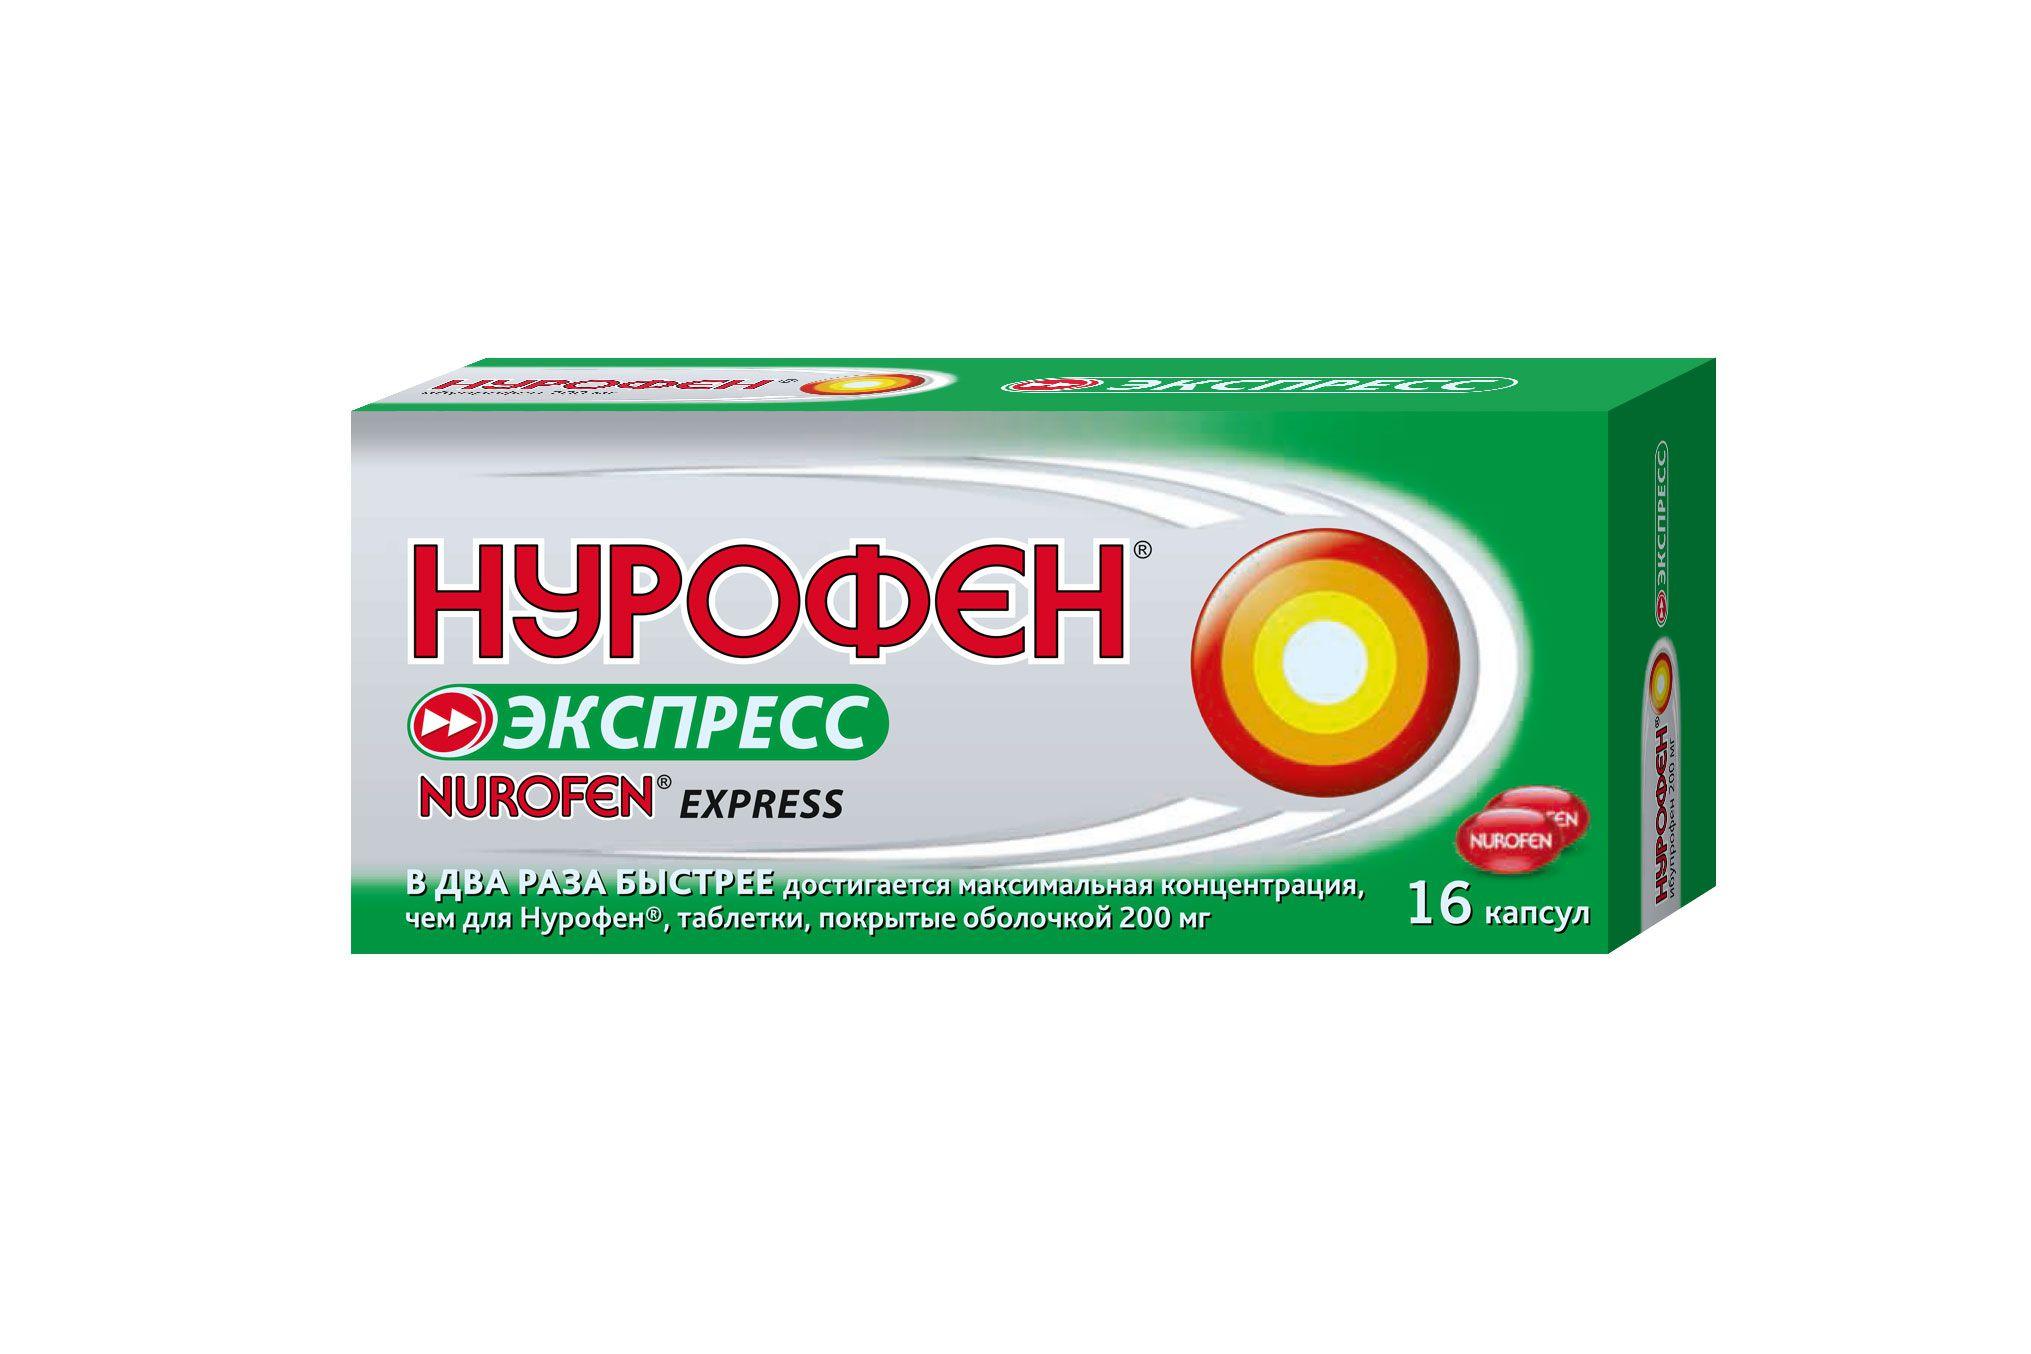 Нурофен®  Экспресс (16 капсул)